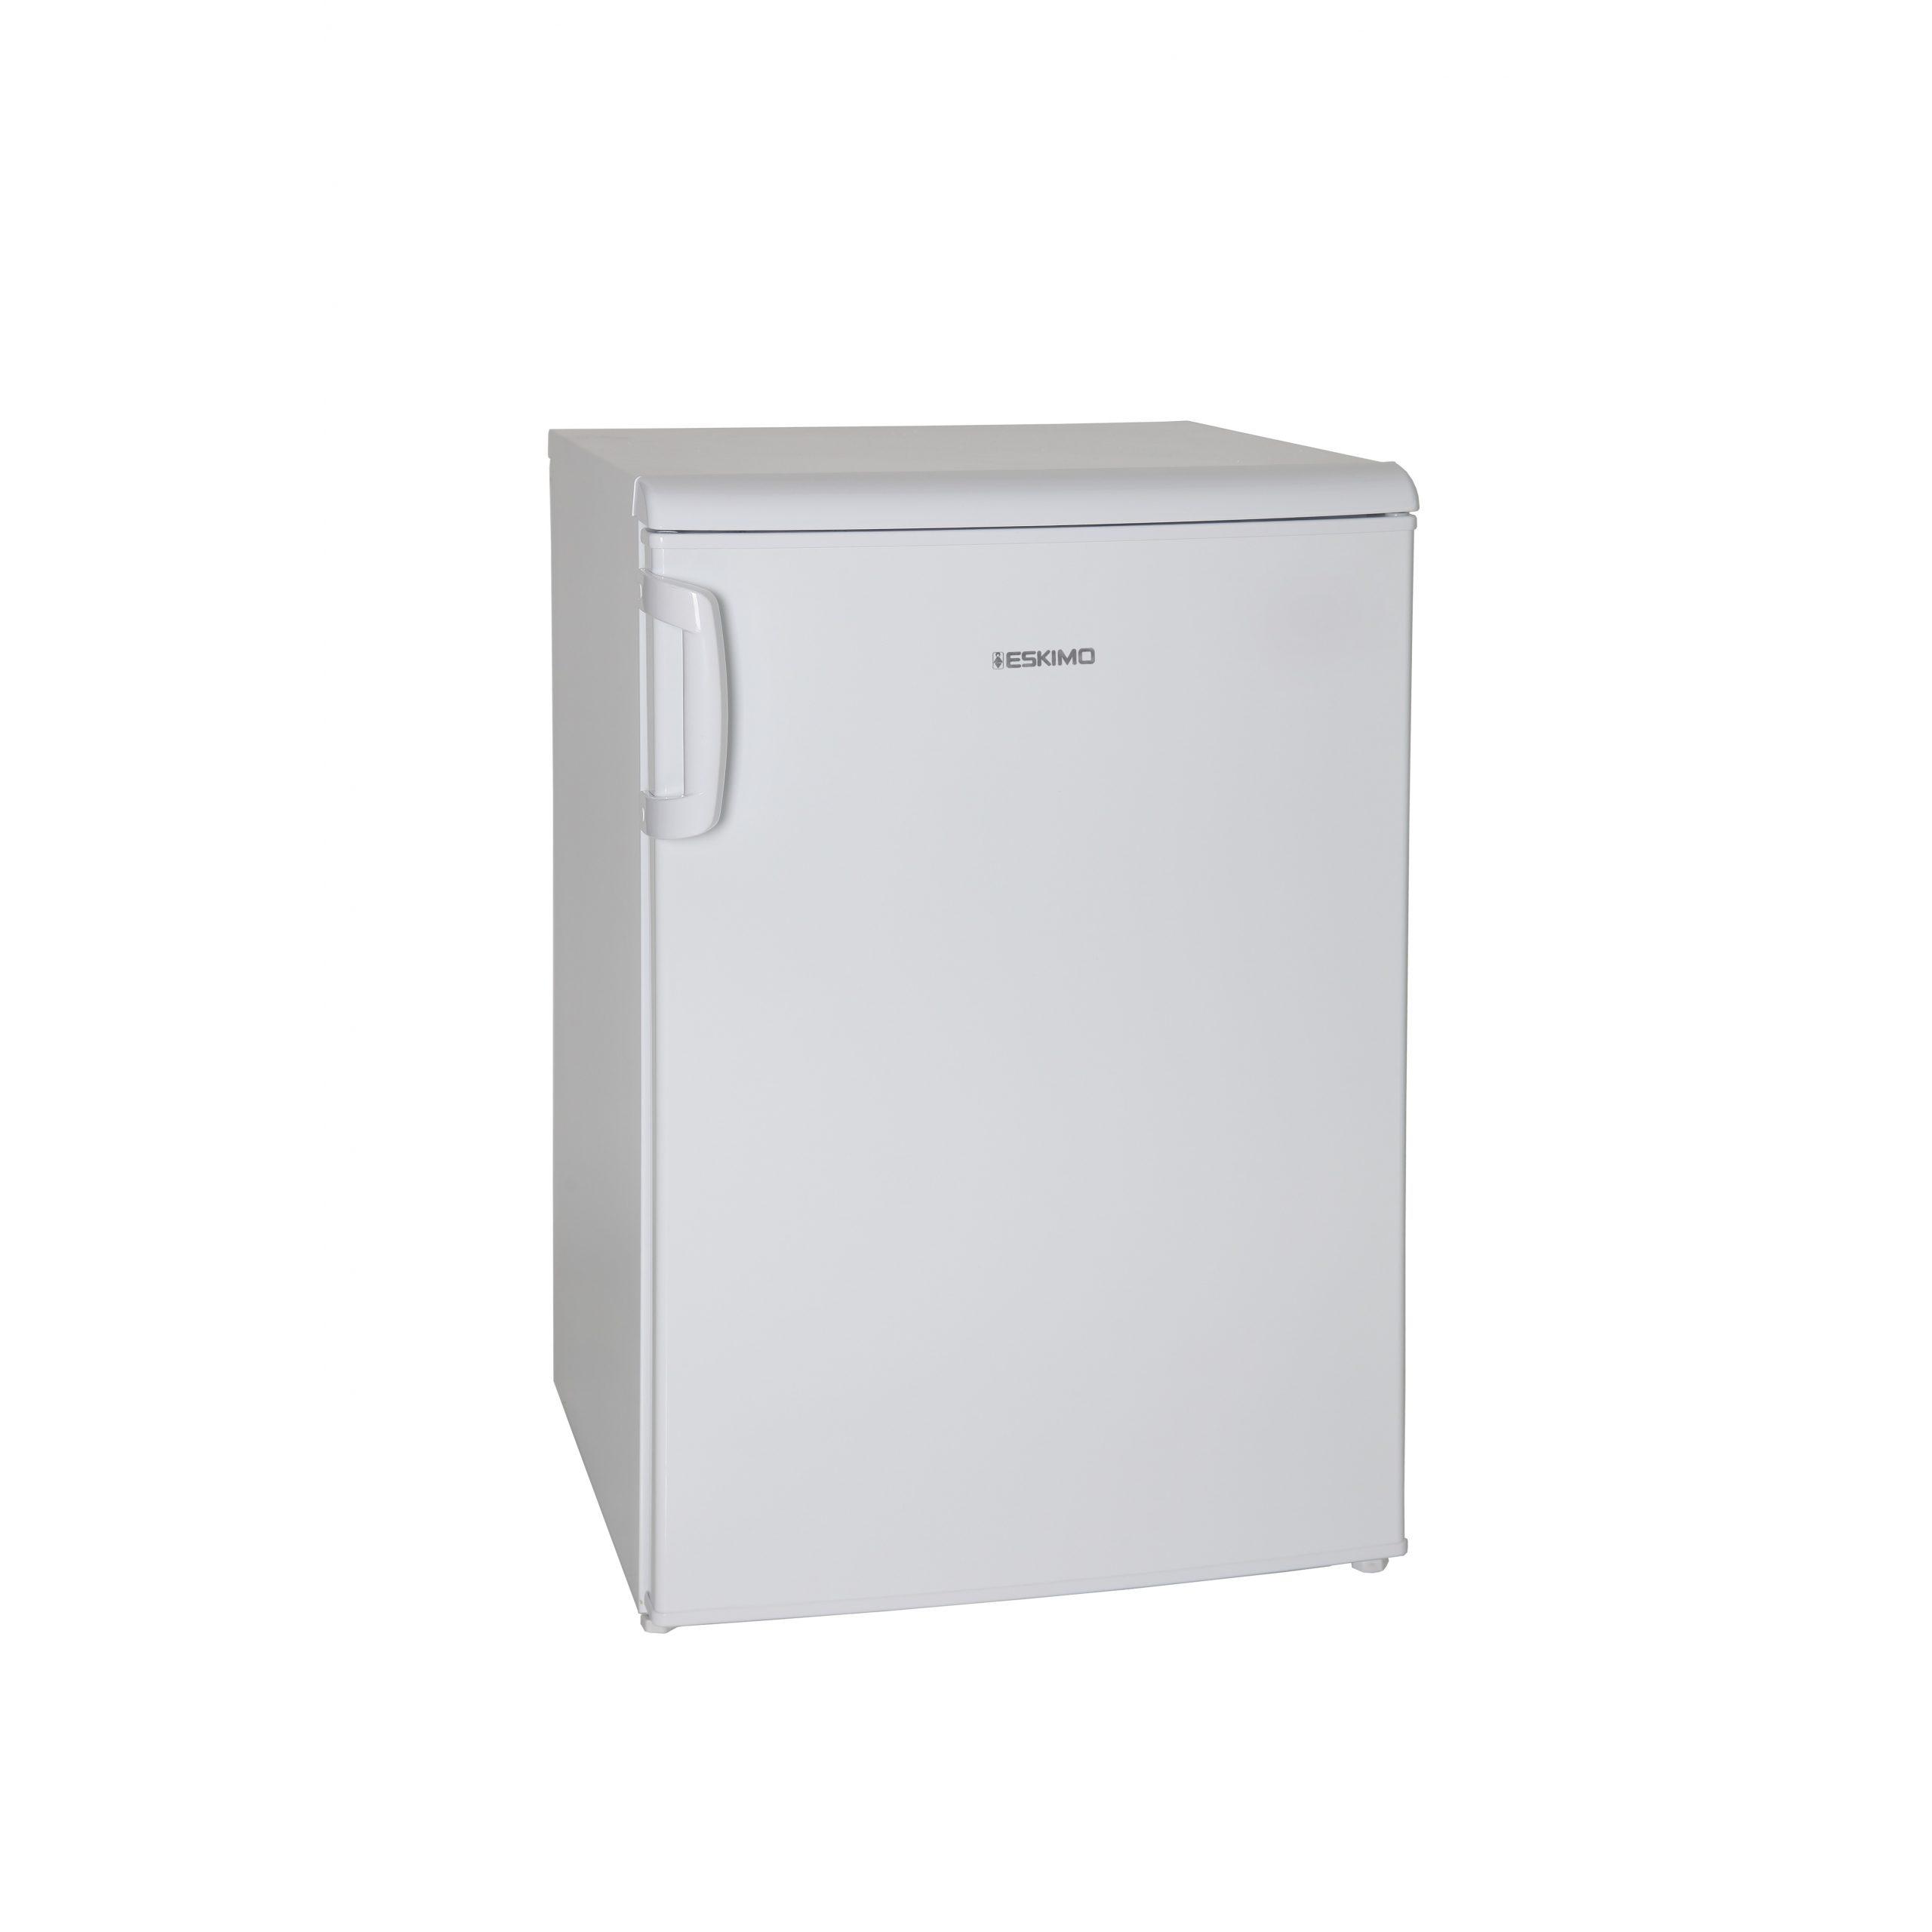 Eskimo Μονόπορτο Ψυγείο ΕS 9453